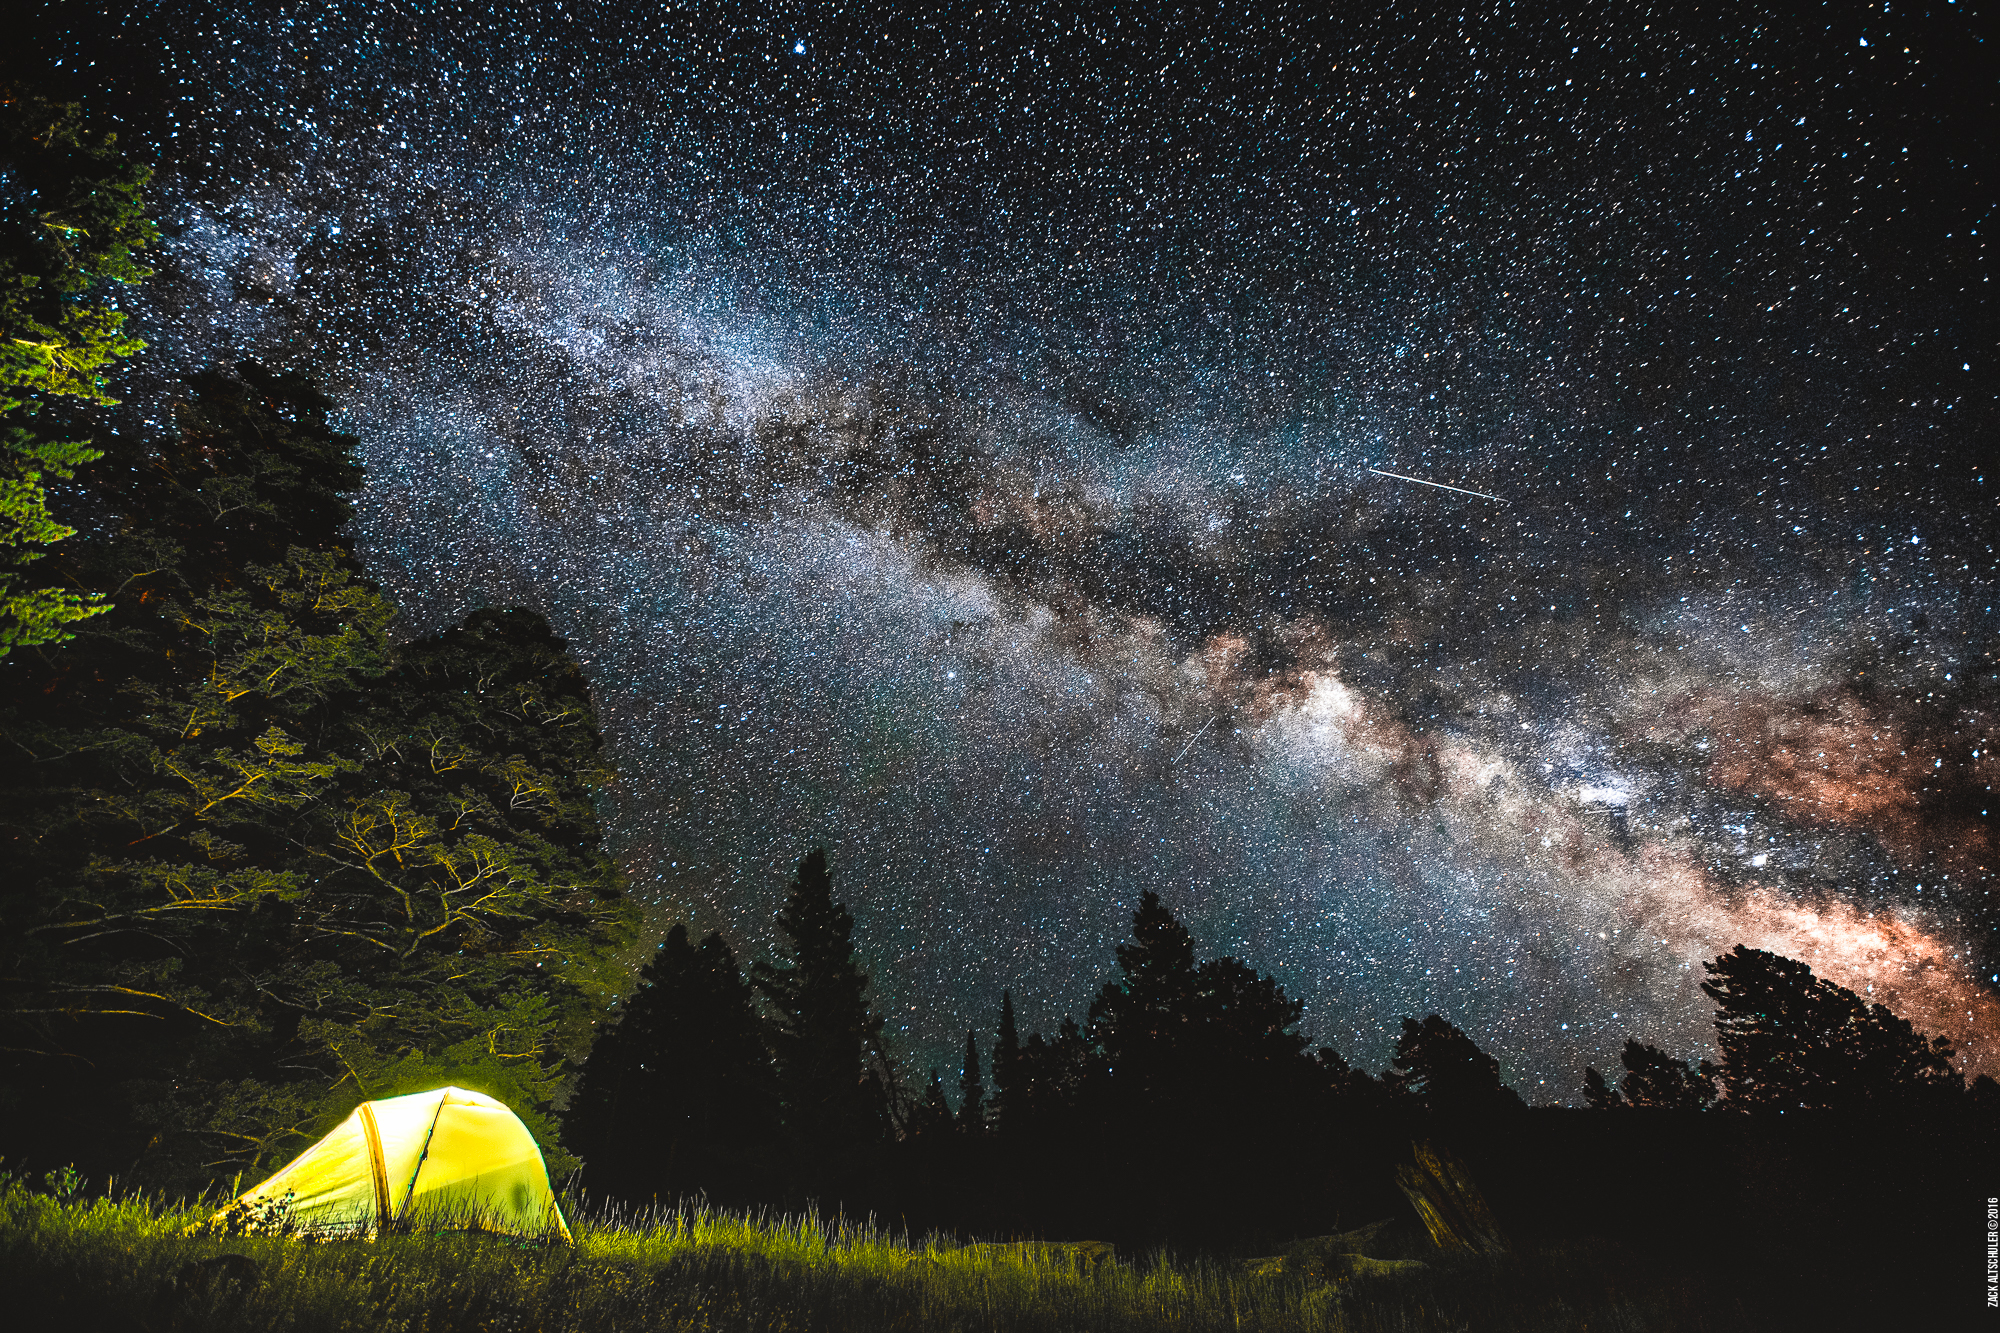 JHole_Tent_Milky-2.jpg